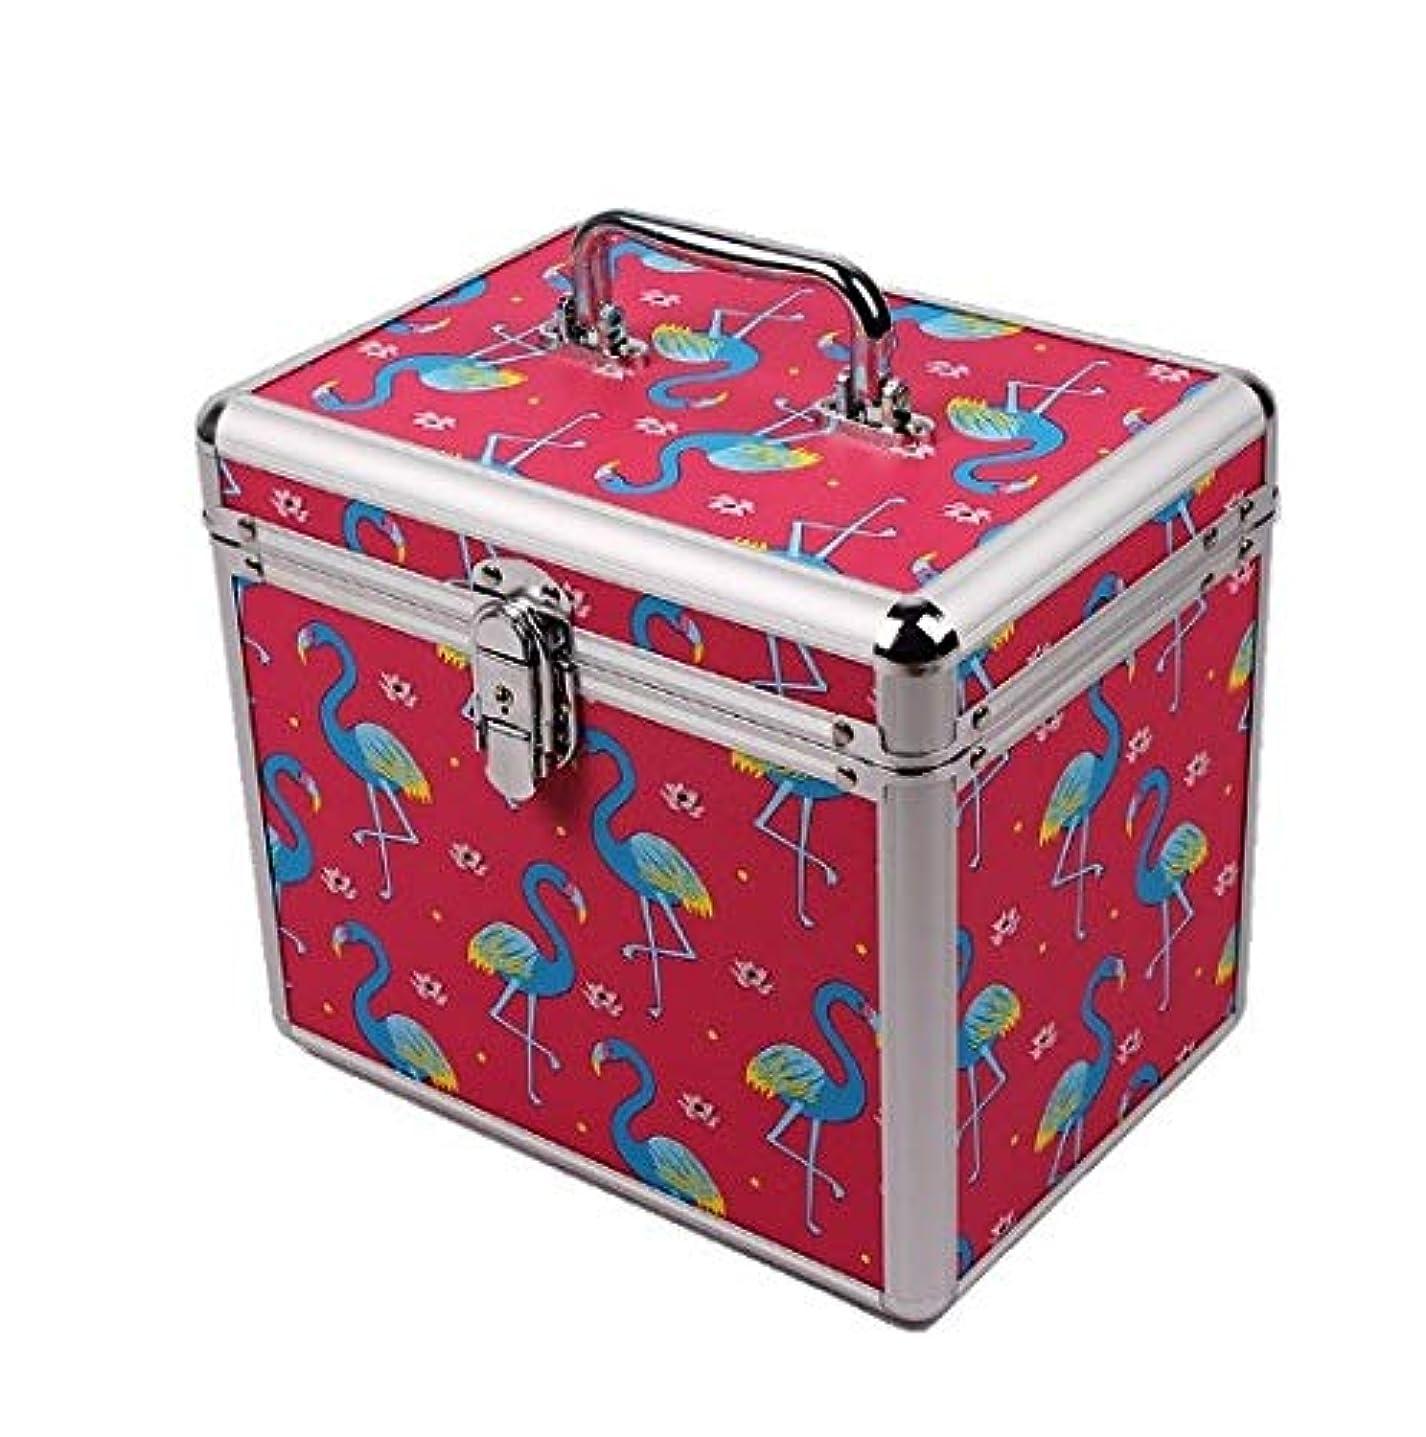 恐怖モックぴったり化粧品ケース、ポータブル二重層ロックフットバス技術者ポータブルツールボックス、ポータブル旅行化粧品ケース、美容ネイルジュエリー収納ボックス (Design : 1#)